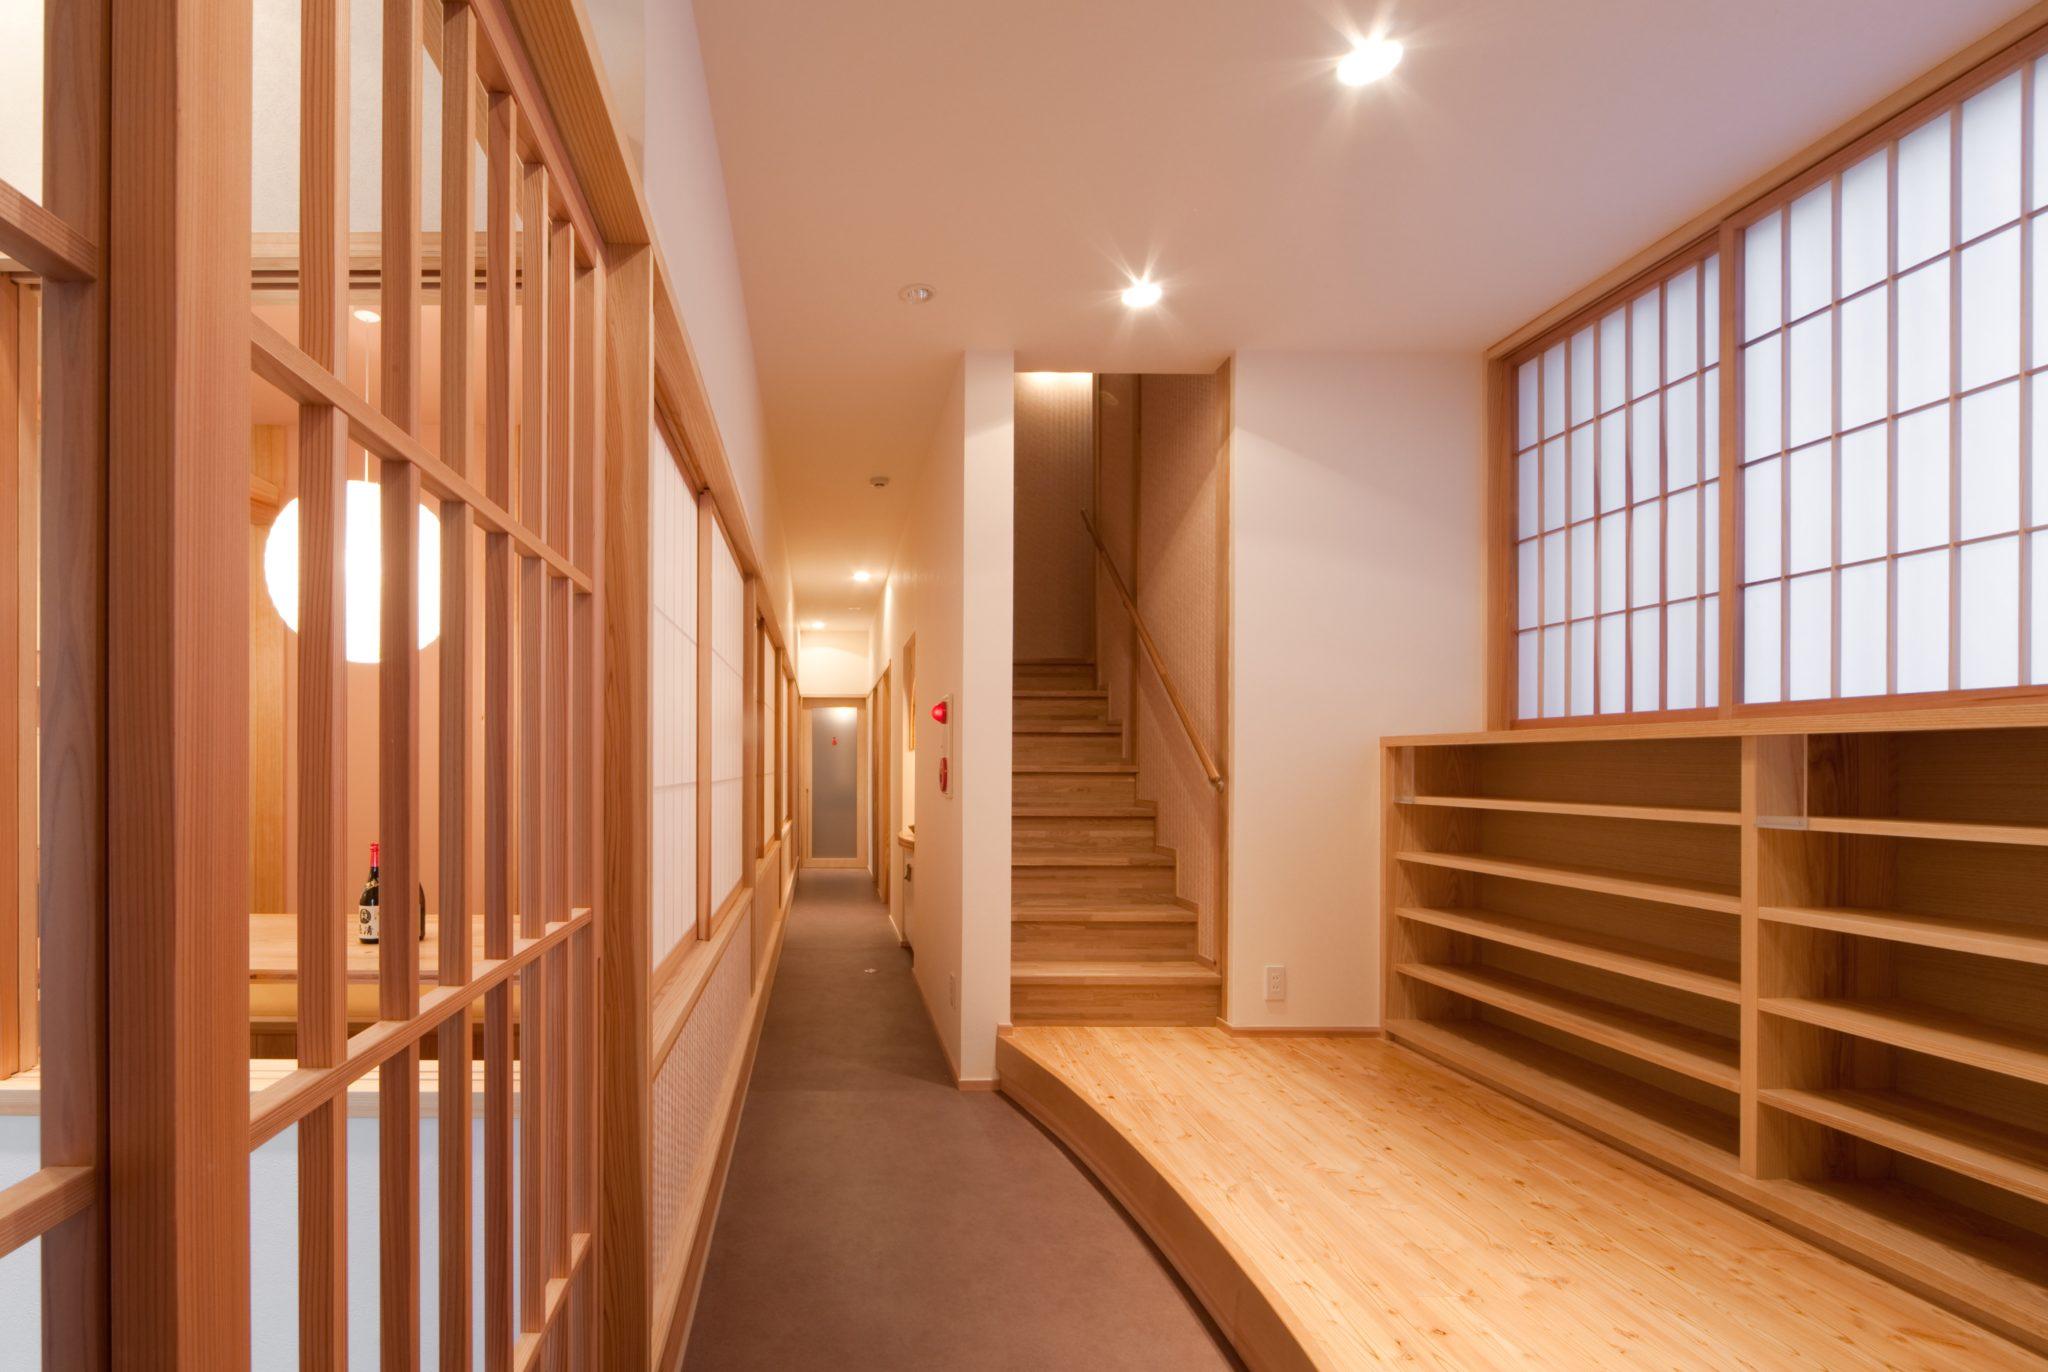 下足室と2階宴会場への階段